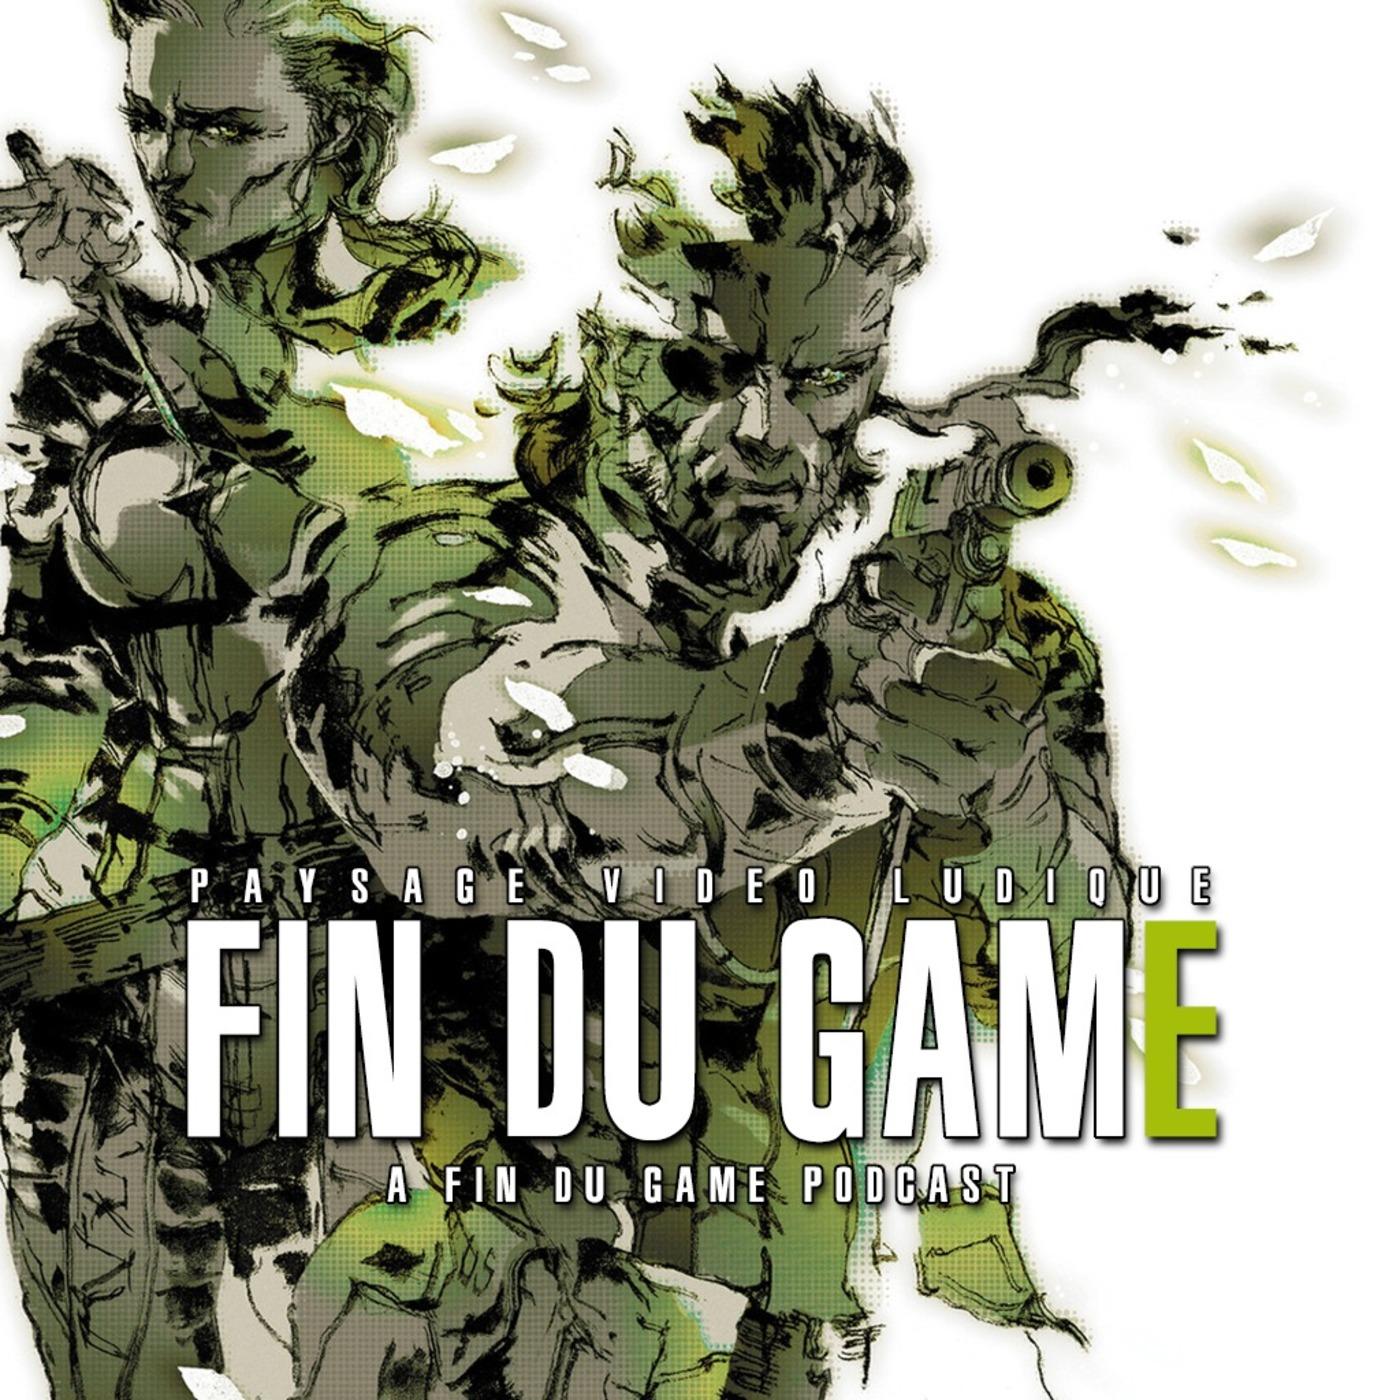 Episode 60 - Metal Gear Solid 3: Snake Eater